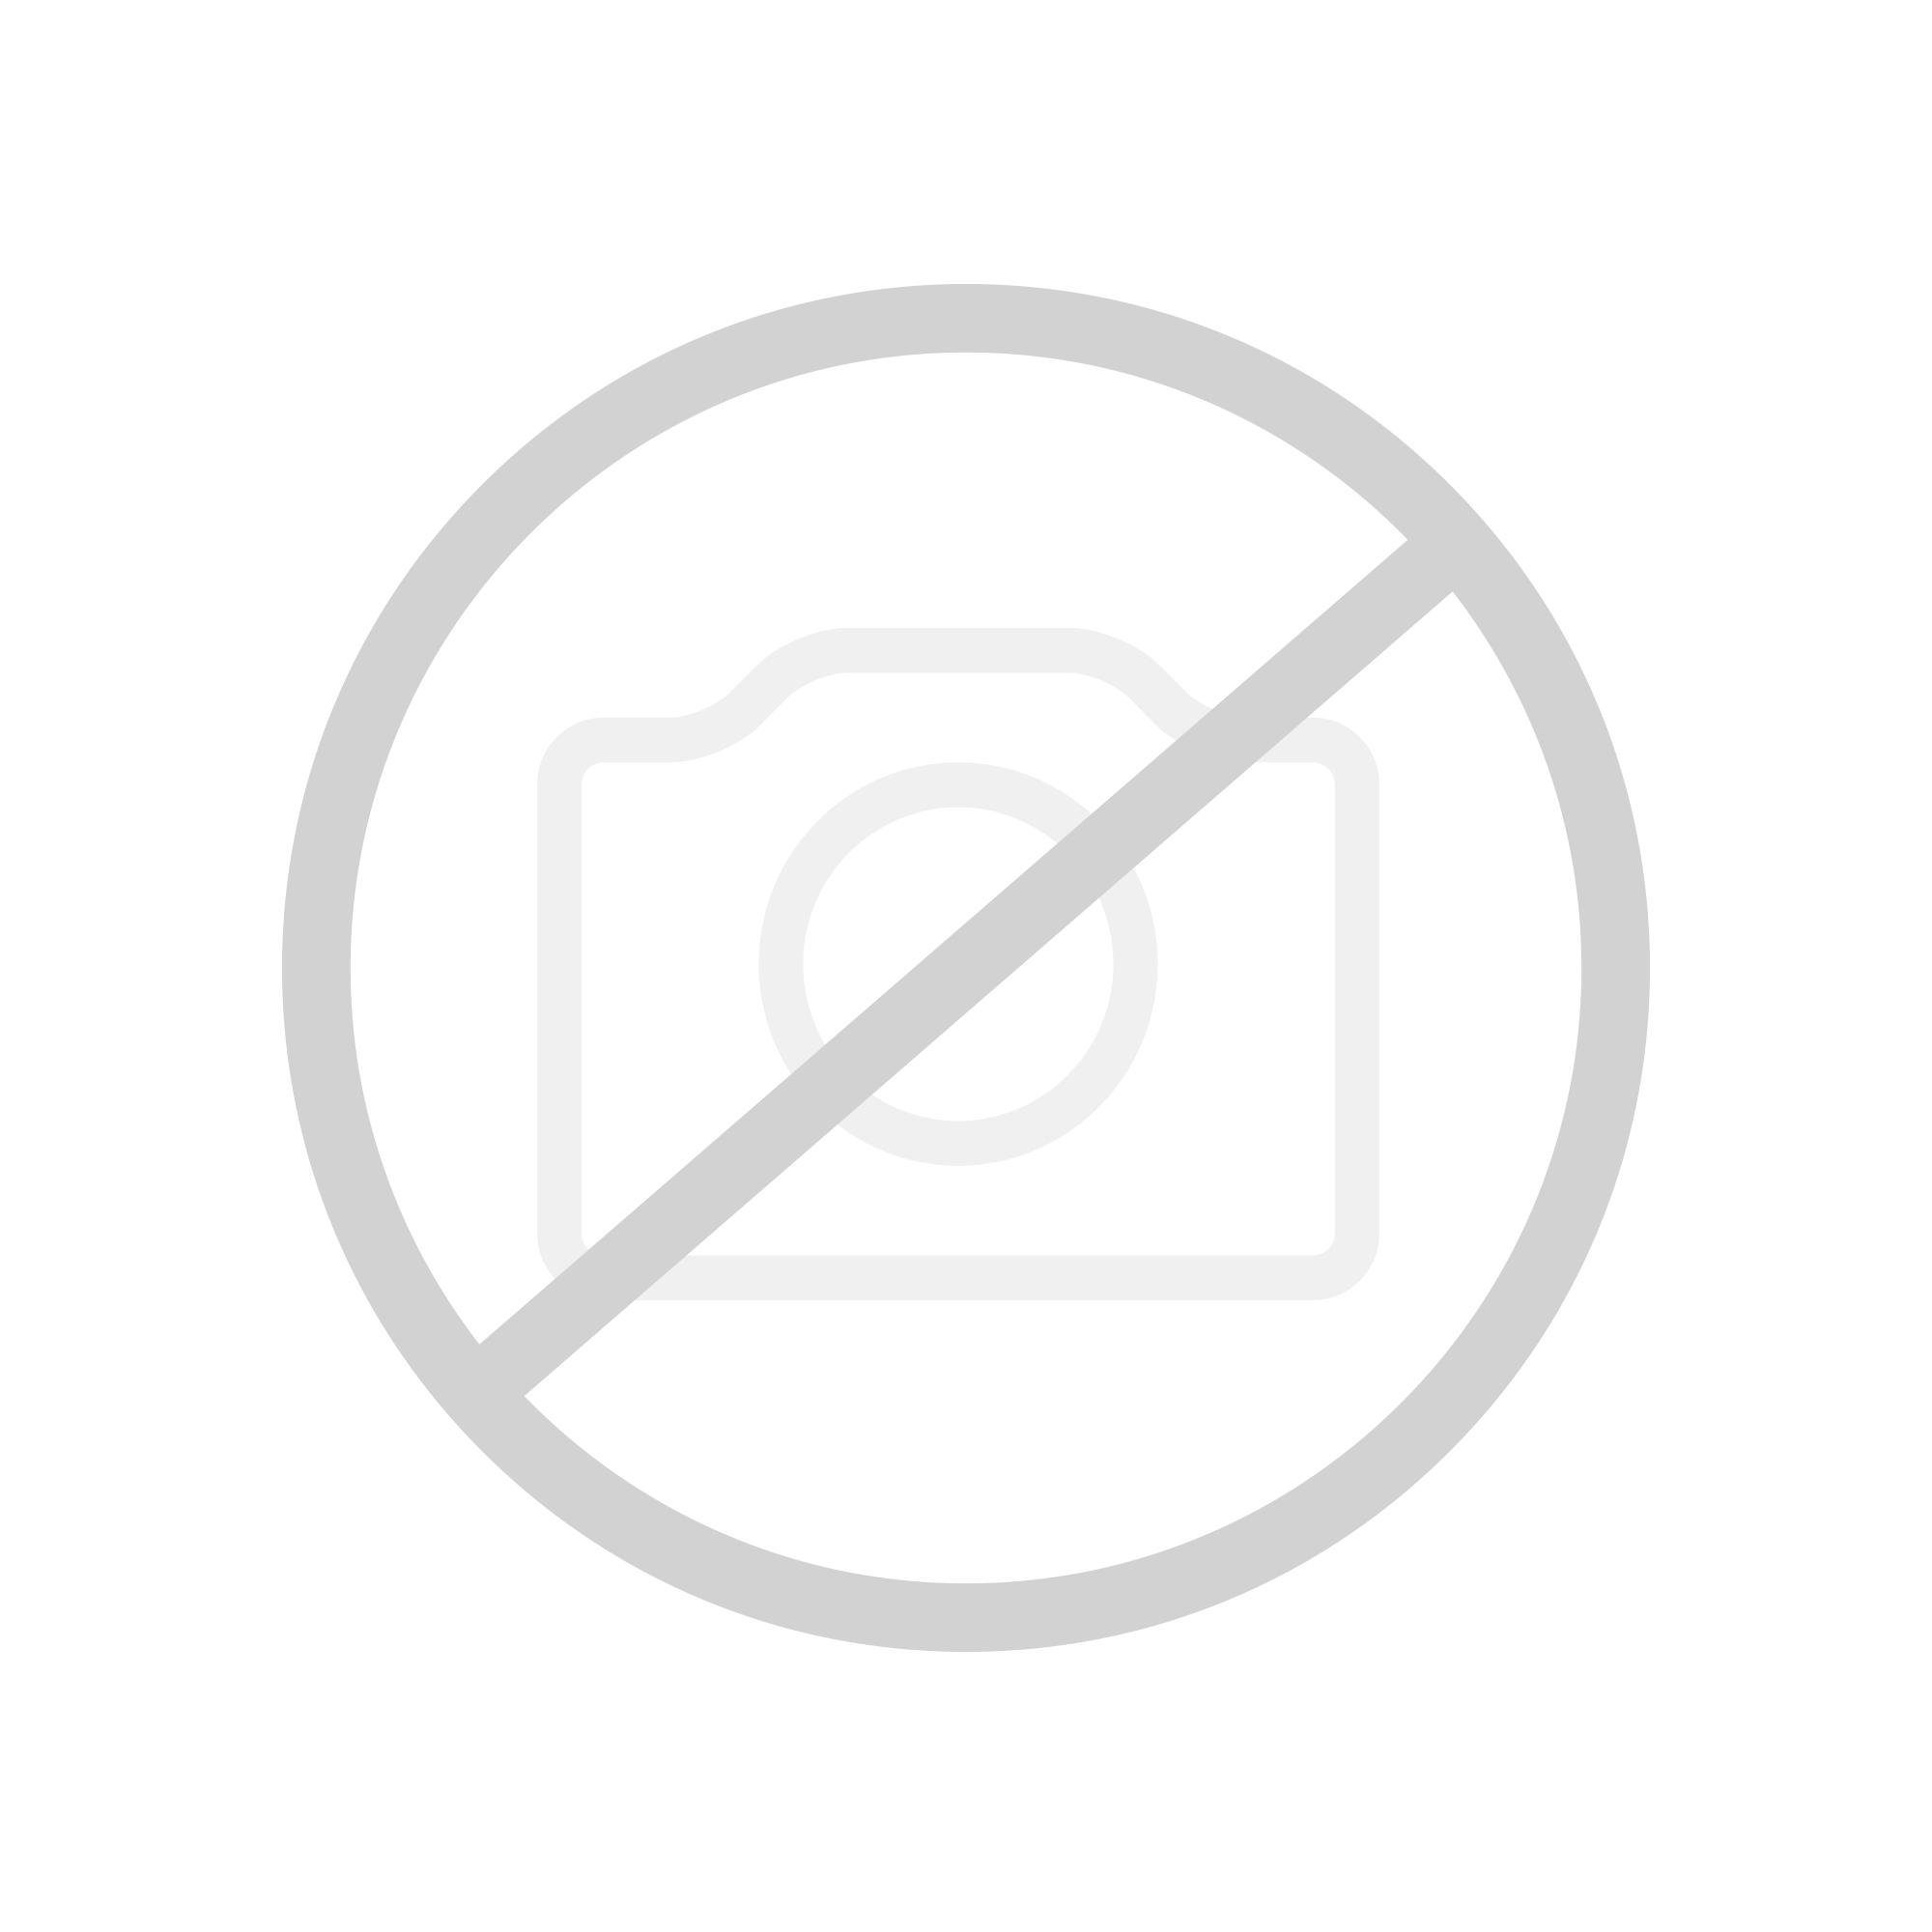 Hansgrohe Metris Einhebel-Waschtischmischer 110, ohne Ablaufgarnitur, DN15